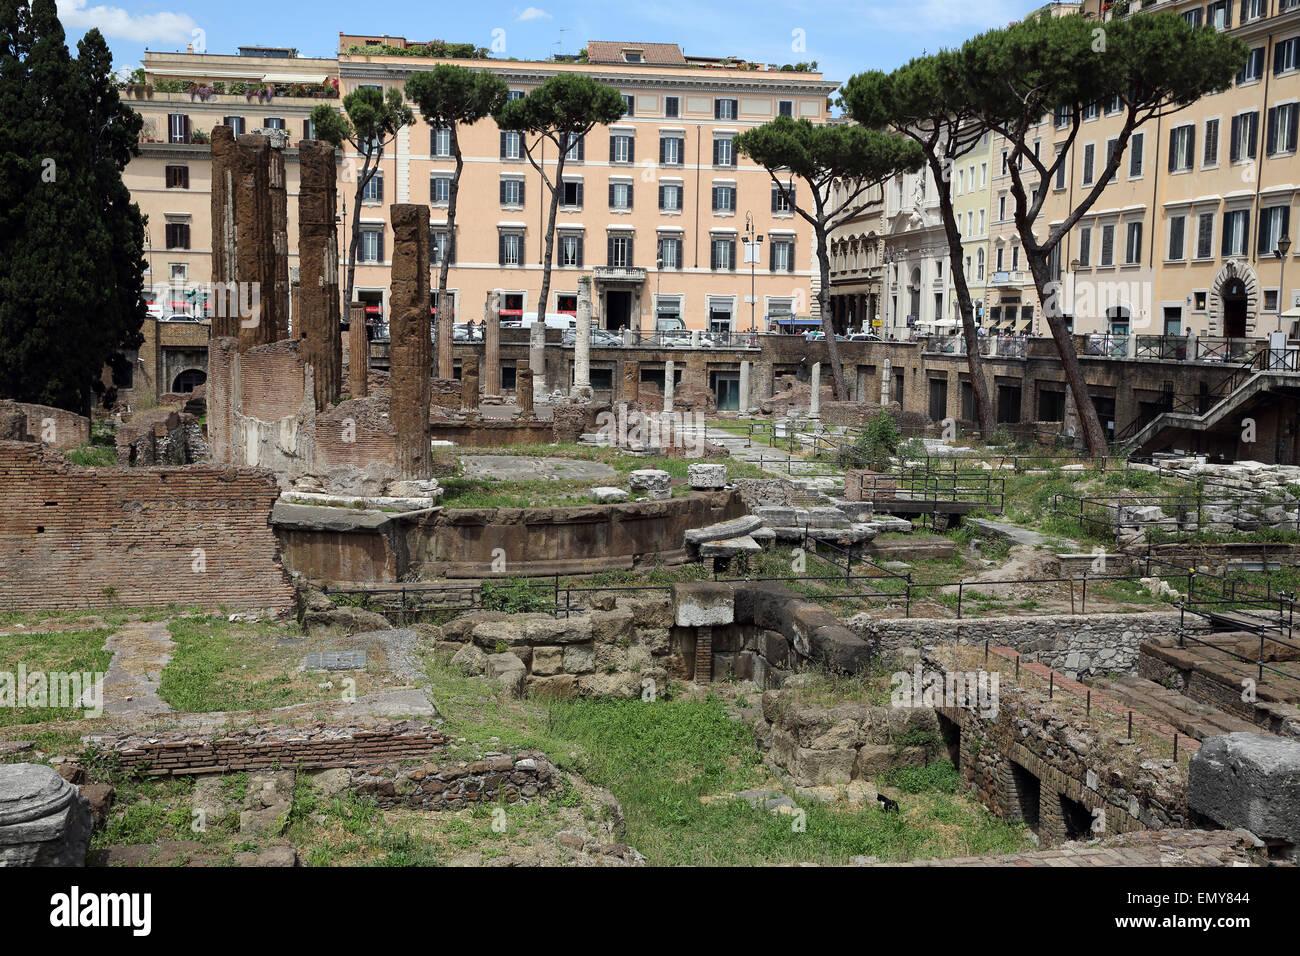 Les colonnes d'un ancien temple à Largo di Torre Argentina à Rome. Banque D'Images